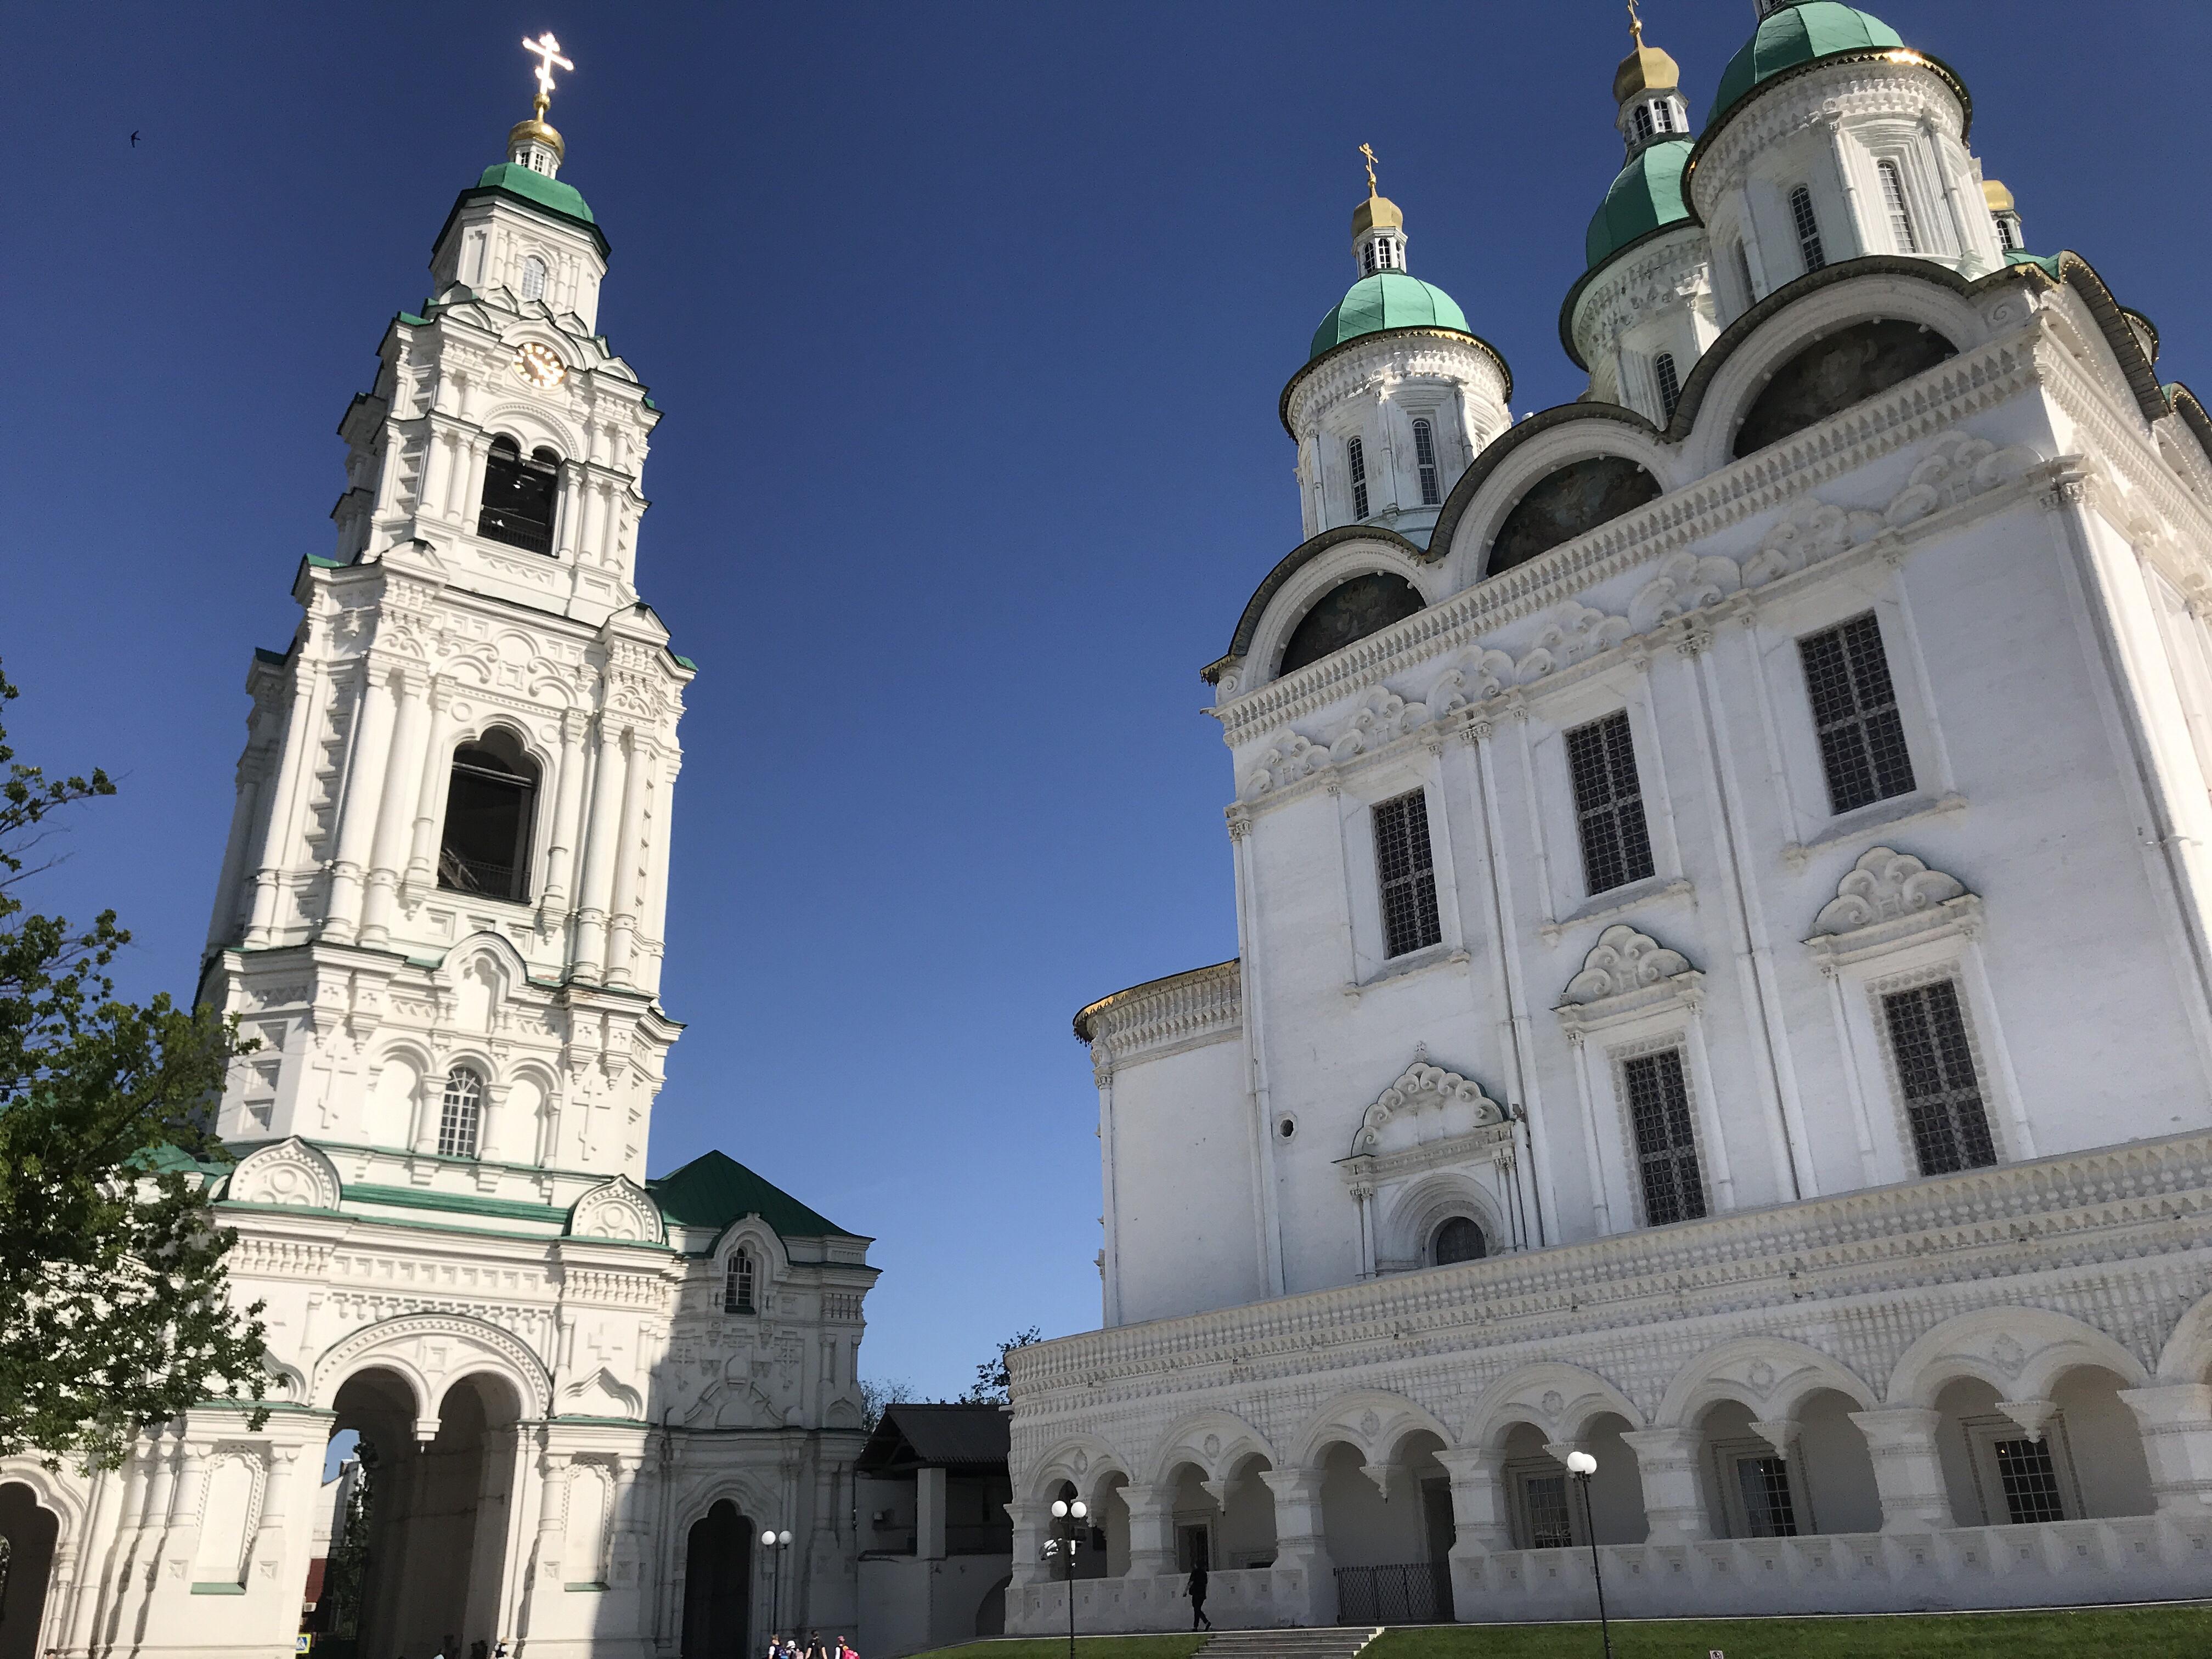 Välkommen till Astrakhan